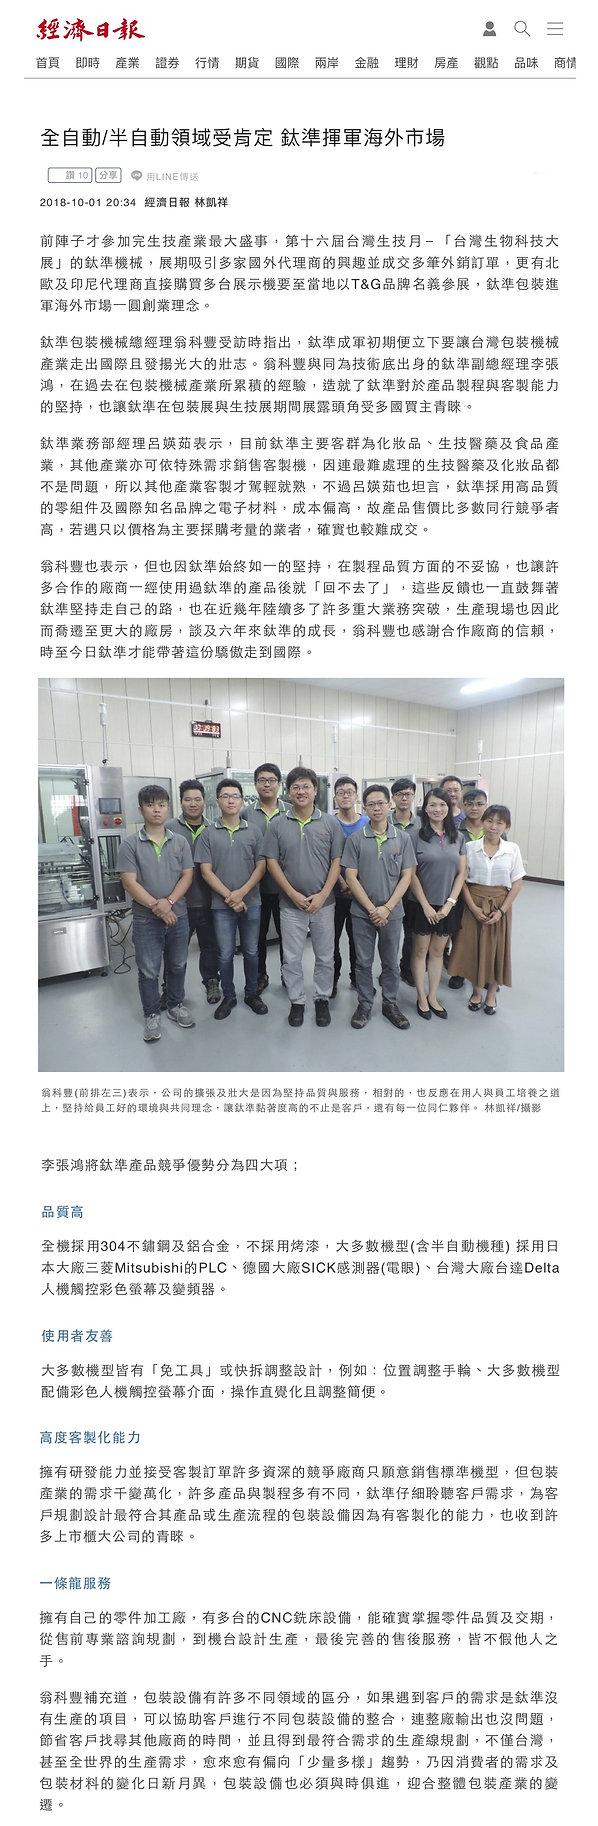 感謝經濟日報再度採訪T&G鈦準包裝機械